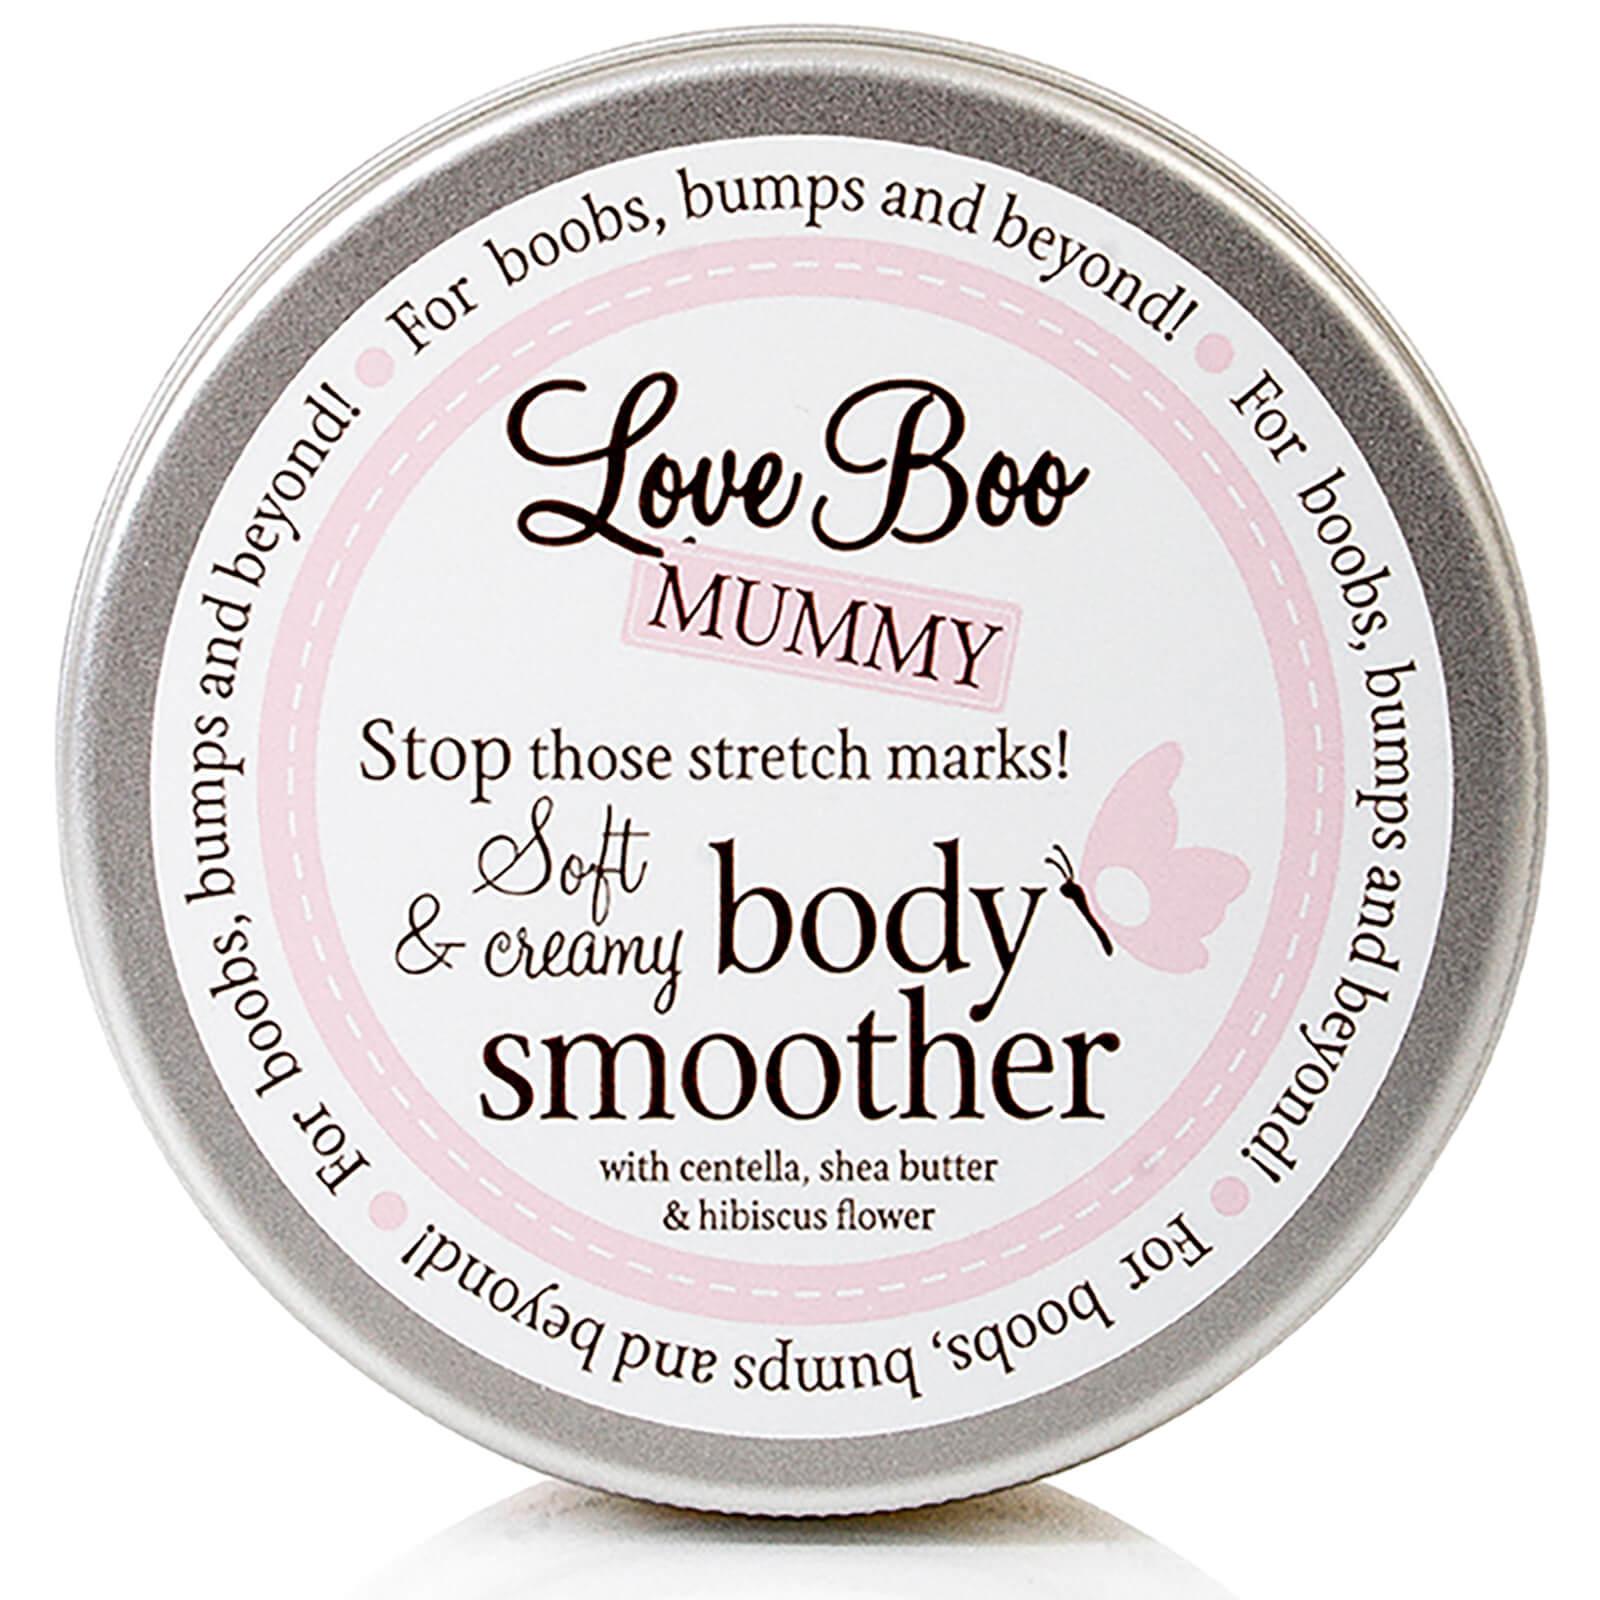 Купить Крем для тела против целлюлита и растяжек Love Boo Soft and Creamy Body Smoother